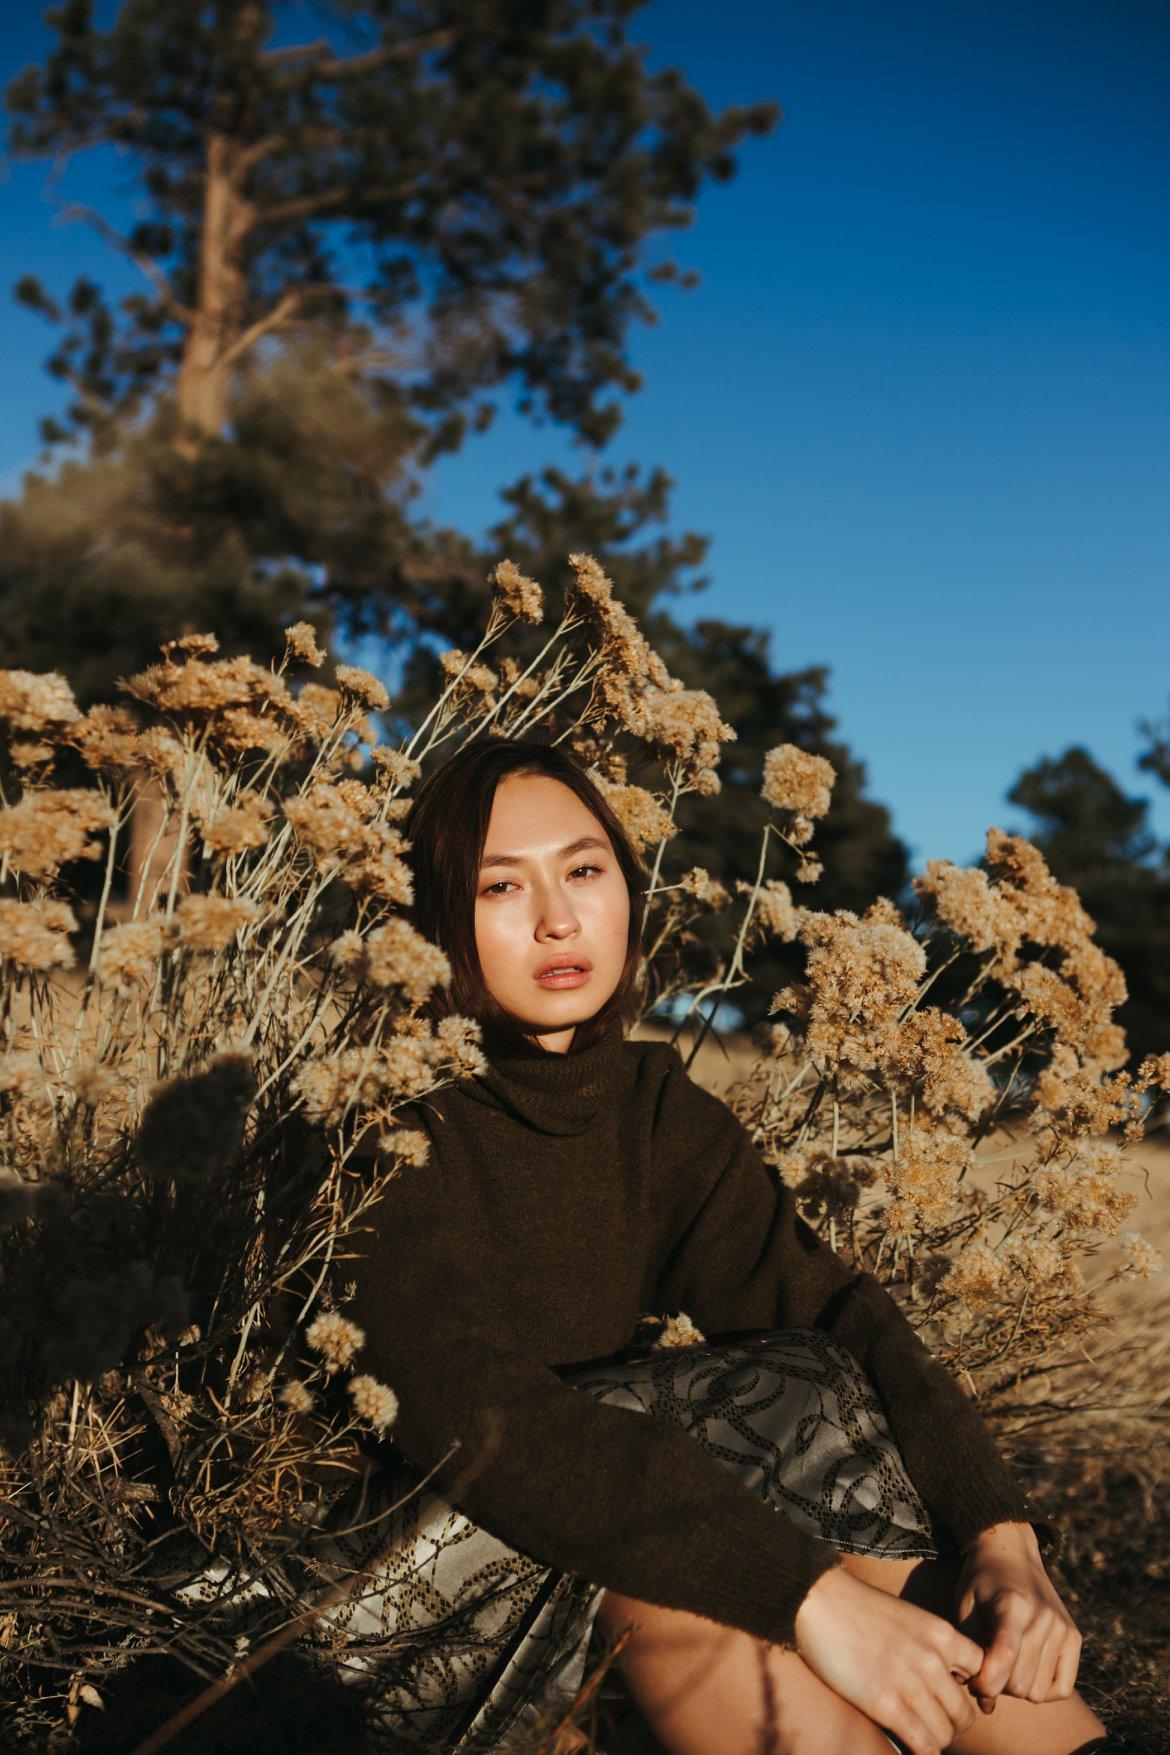 denver colorado fashion editorial photography green contemporary